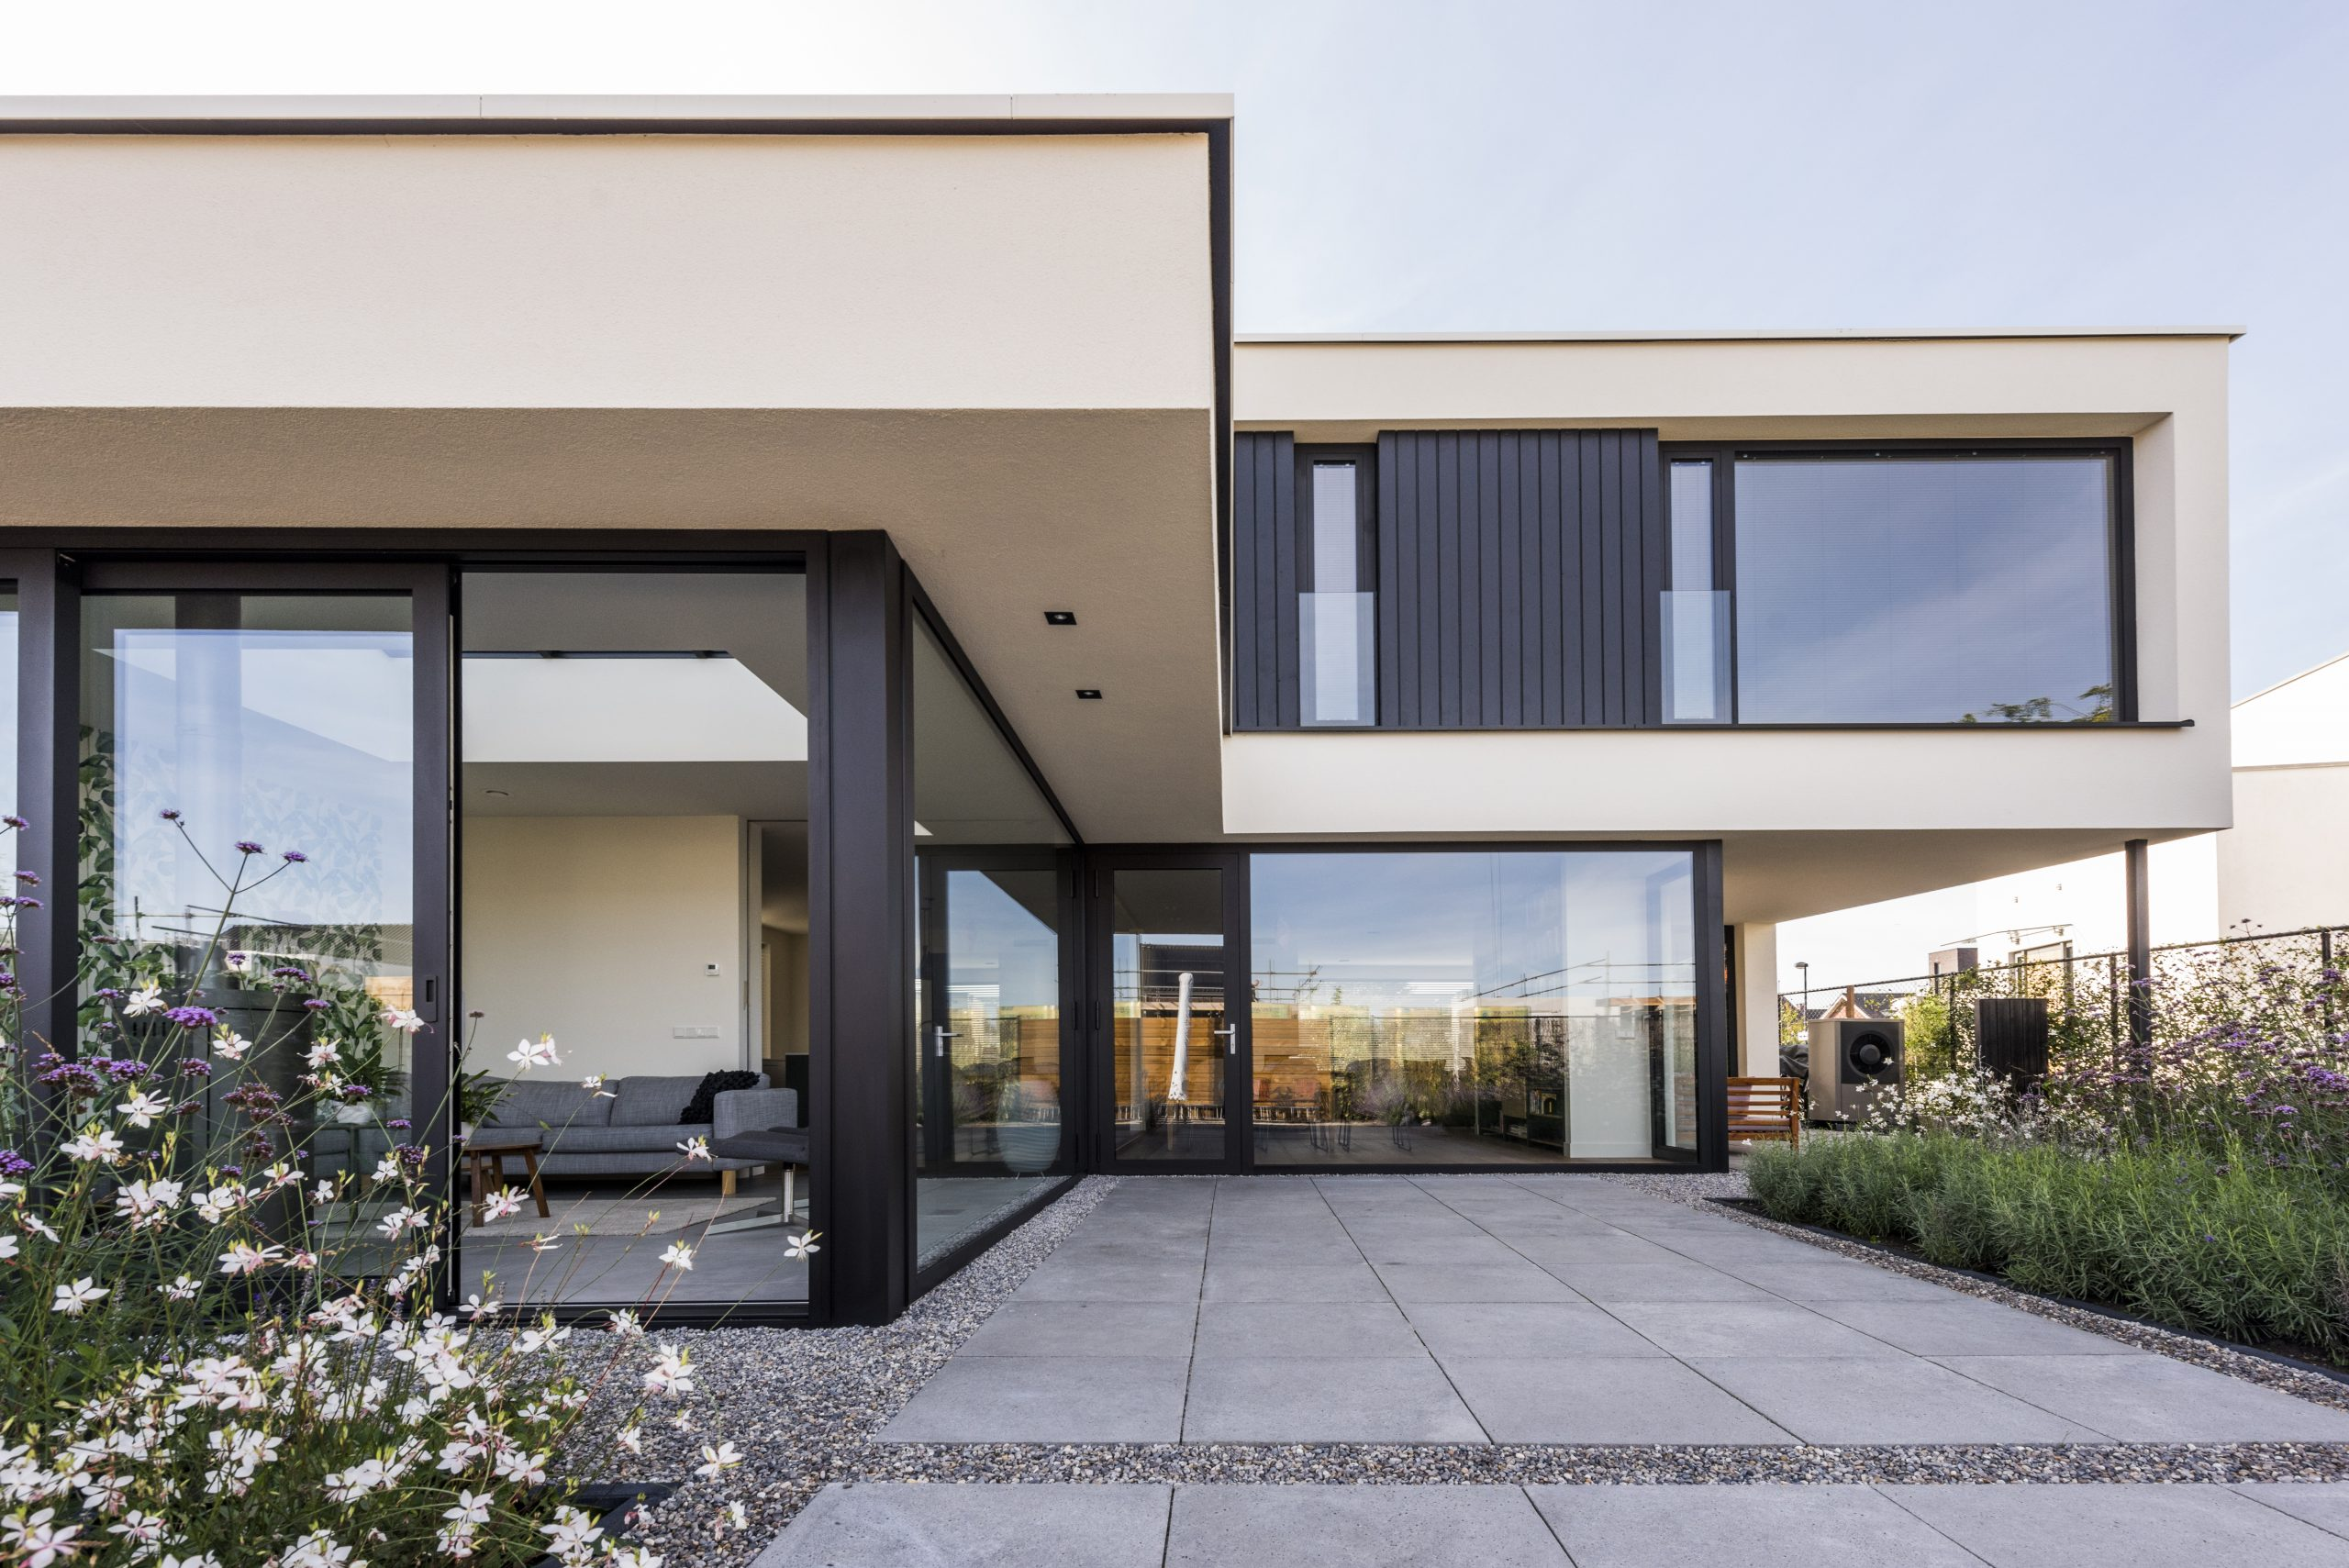 luxe kubistische woning